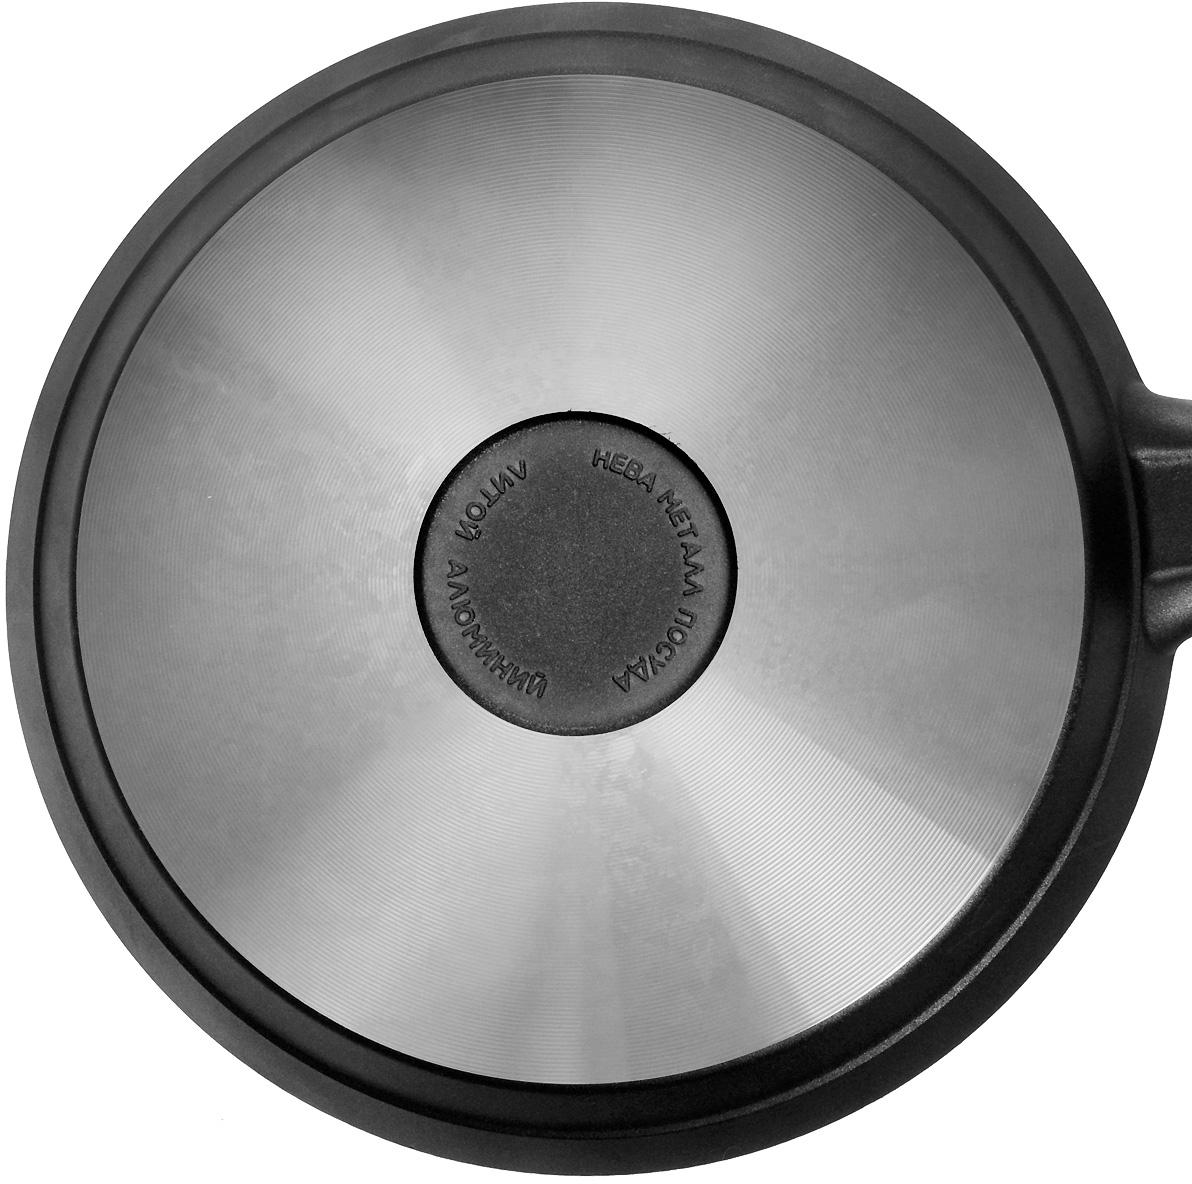 """Блинница """"Нева-металл"""" изготовлена из литого алюминия с антипригарным покрытием на водной основе. Антипригарное покрытие на водной основе относится к самому безопасному, четвертому классу по ГОСТу. Оно традиционно производится без использования PFOA (перфтороктановой кислоты).  Литой корпус блинницы выполнен из специального пищевого сплава алюминия с кремнием. Это обеспечивает исключительные термоаккумулирующие свойства посуды. Она равномерно прогревается и долго удерживает тепло, тем самым способствует сохранению вкусовых качеств и полезных свойств продуктов. Высококачественное антипригарное покрытие сковороды позволяет готовить практически без масла, пища не пригорает без перемешивания.Корпус, отлитый вручную, практически не подвержен деформации даже при сильном нагреве. Блинница оснащена эргономичной ручкой, выполненной из бакелита. Блинница подходит для использования на газовых, электрических и стеклокерамических плитах; ее можно мыть в посудомоечной машине. Внутренний диаметр блинницы: 20 см.  Высота стенок блинницы: 2 см.  Толщина стенок блинницы: 0,4 см.  Толщина дна блинницы: 0,6 см.  Диаметр диска блинницы: 17,8 см.  Длина ручки блинницы: 19,5 см.       Простой рецепт блинов на Масленицу – статья на OZON Гид."""